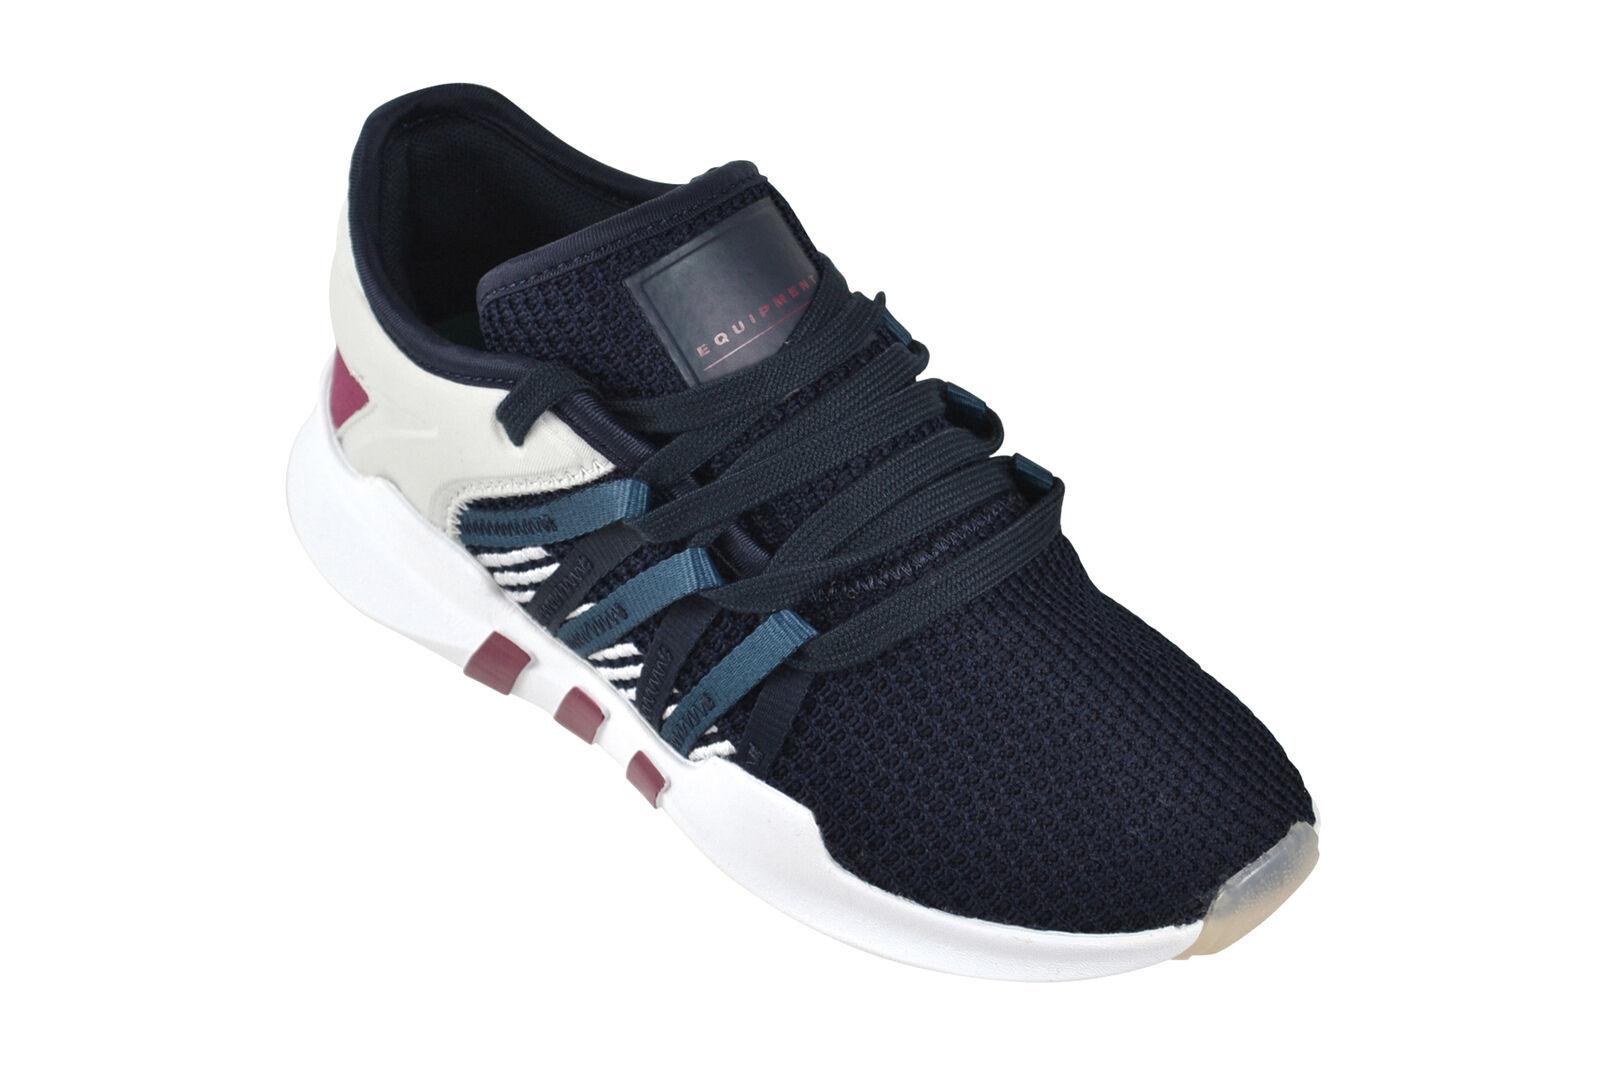 Adidas EQT RACING ADV donna LEGEND INK Petrolio scarpe scarpe scarpe da ginnastica Scarpe Blu Bianco by9797 dd42d0